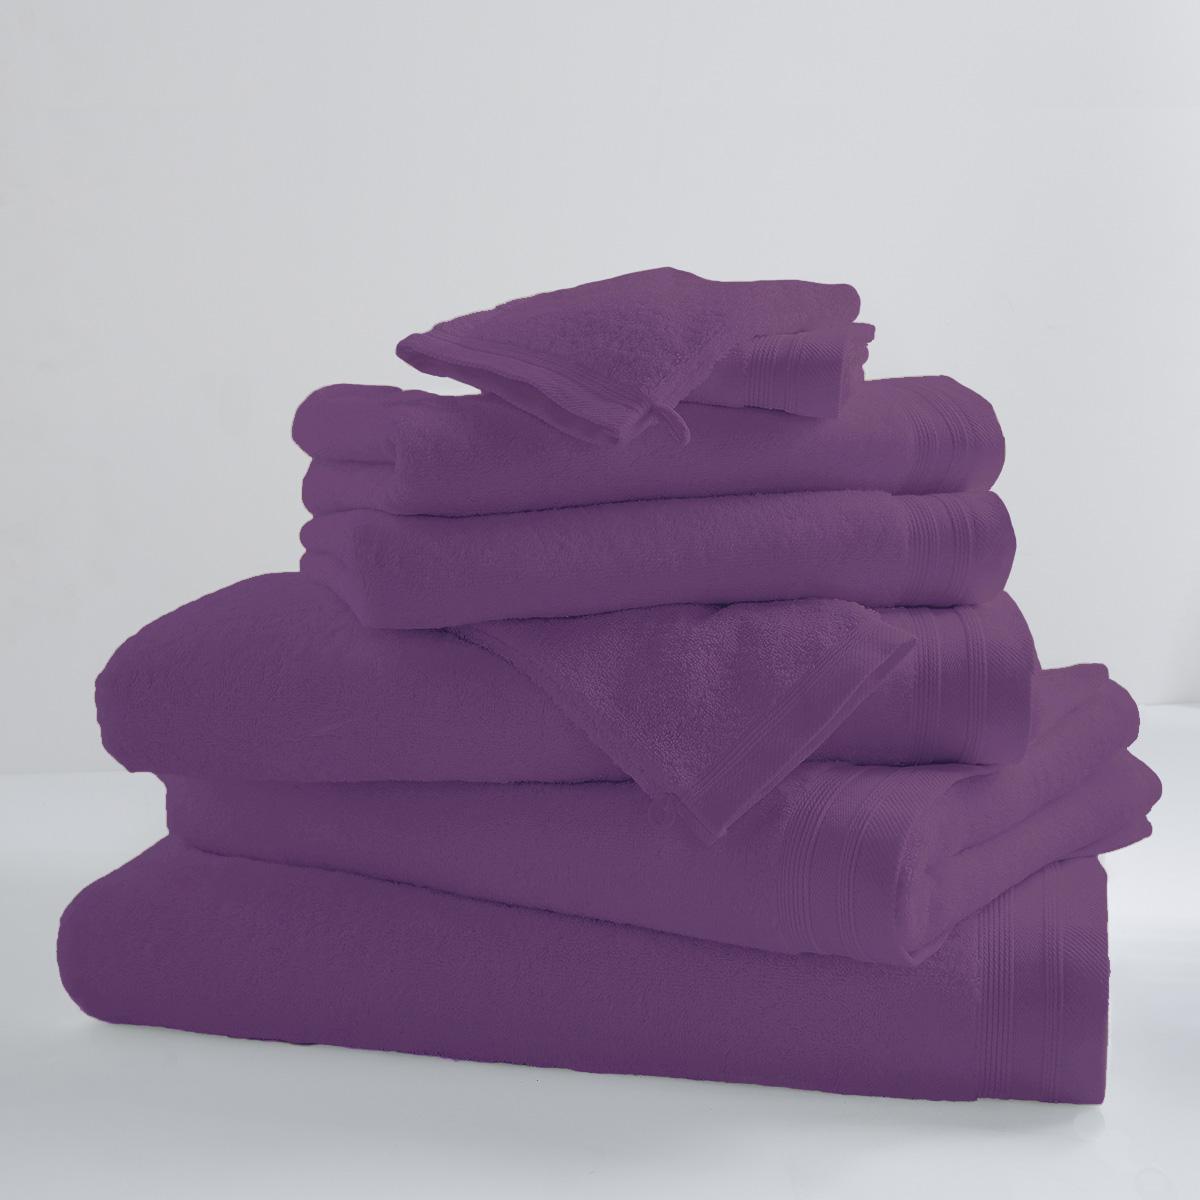 Drap De Bain Uni et Coloré (Violette)